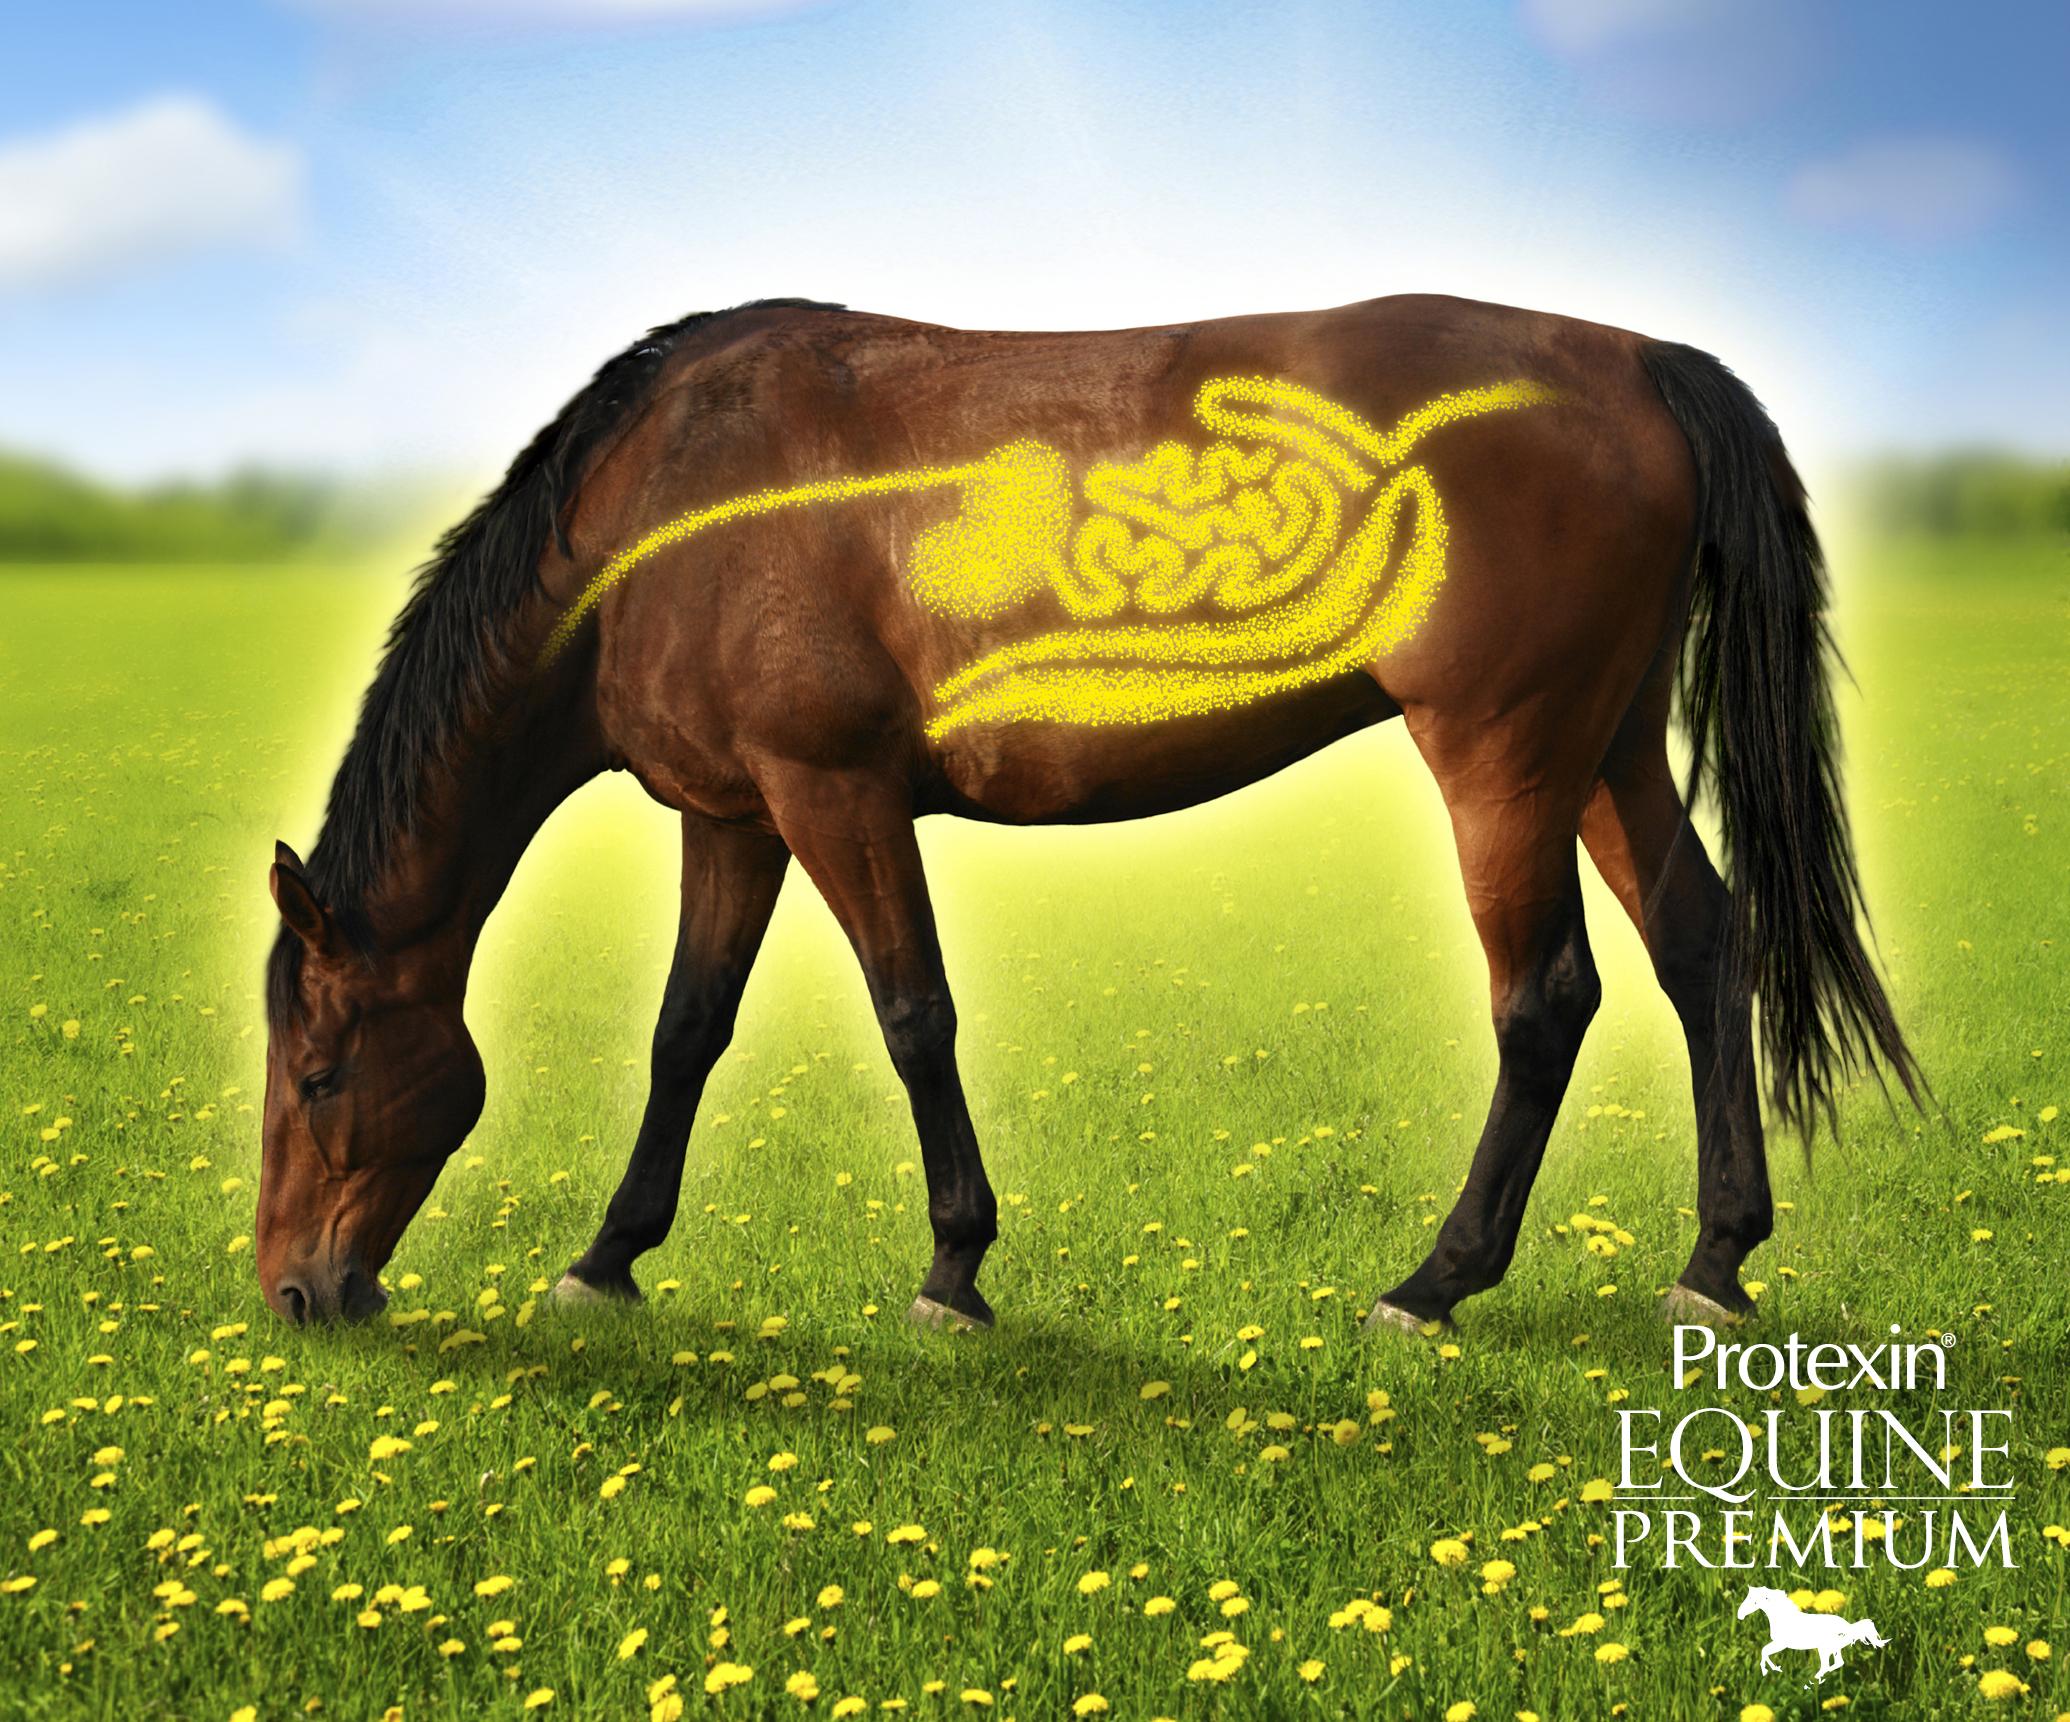 Logo for Protexin Equine Premium